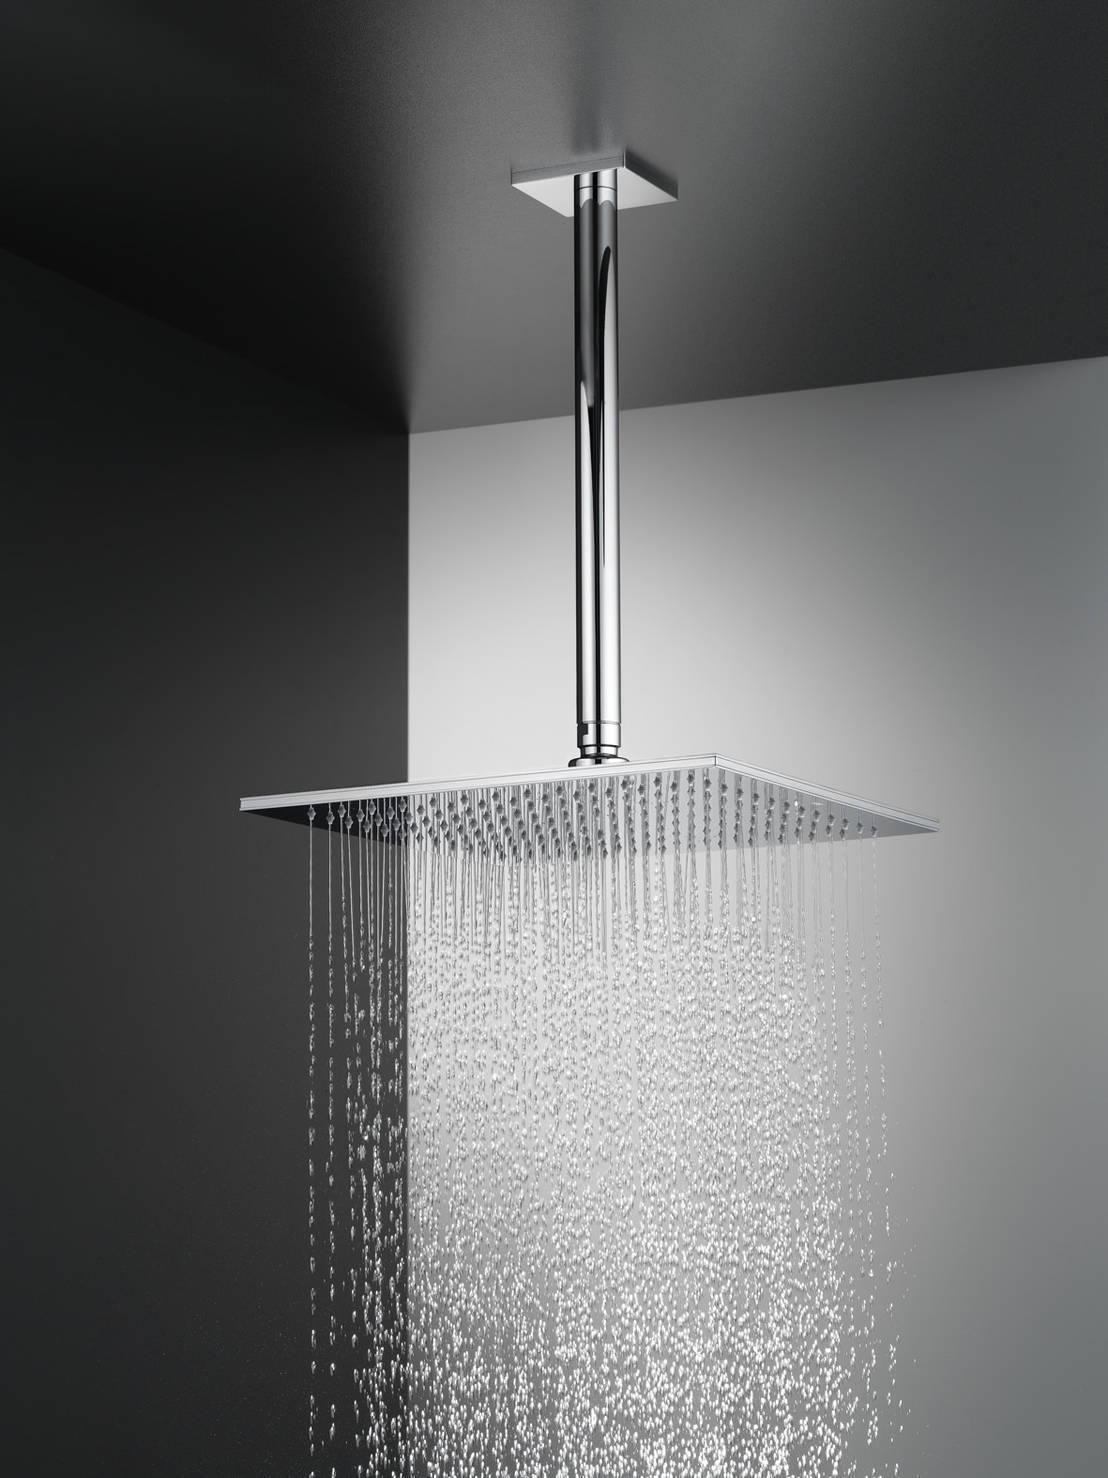 kwc piatto spa erlebnis unter der dusche de kwc deutschland gmbh homify. Black Bedroom Furniture Sets. Home Design Ideas